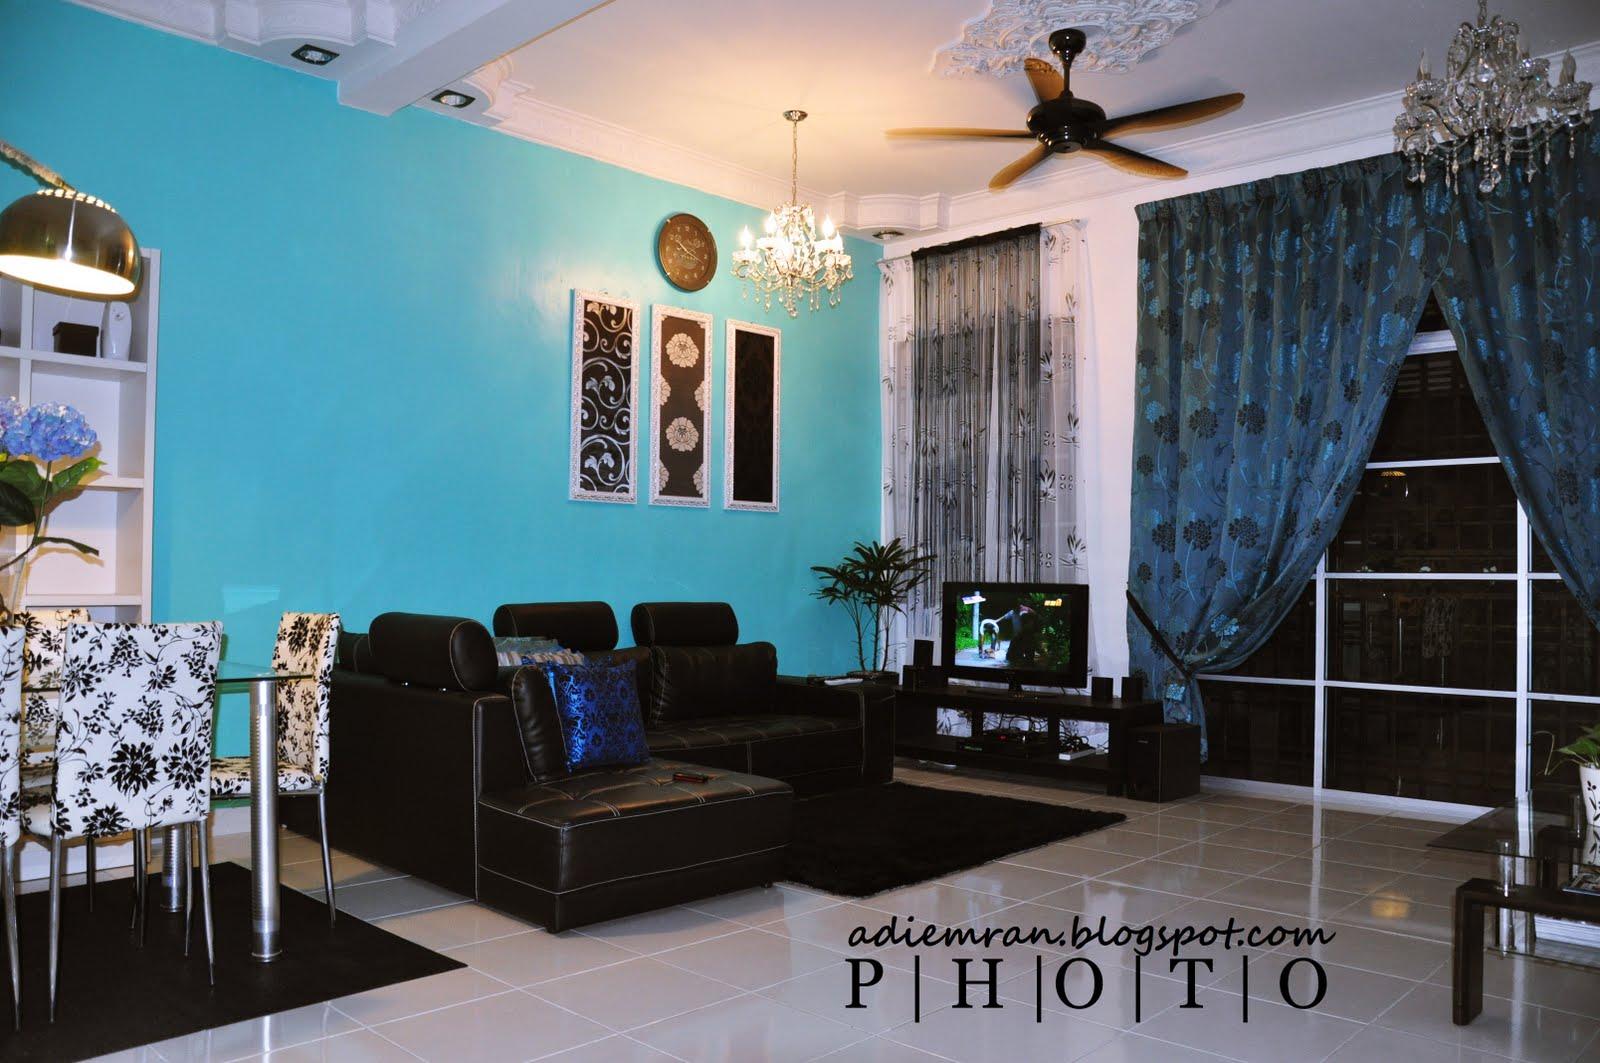 Rumahidaman2016 Gambar Ruang Tamu Moden Images